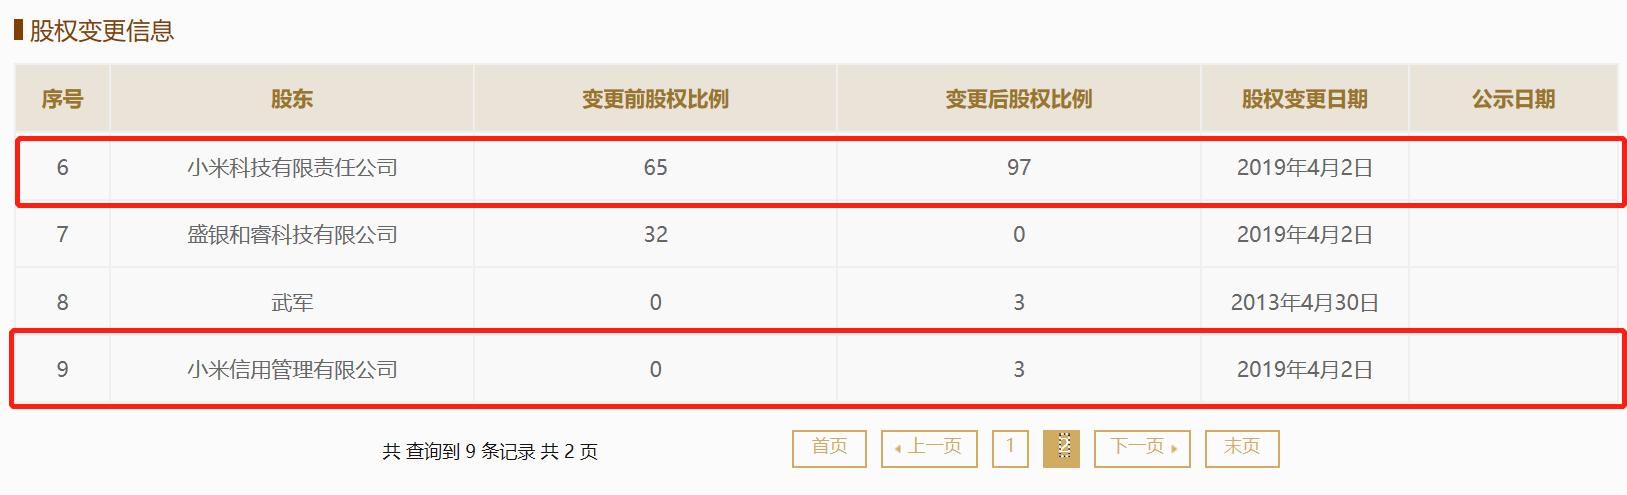 """小米集团全资控股后 捷付睿通迎来高管""""大年夜换血"""""""